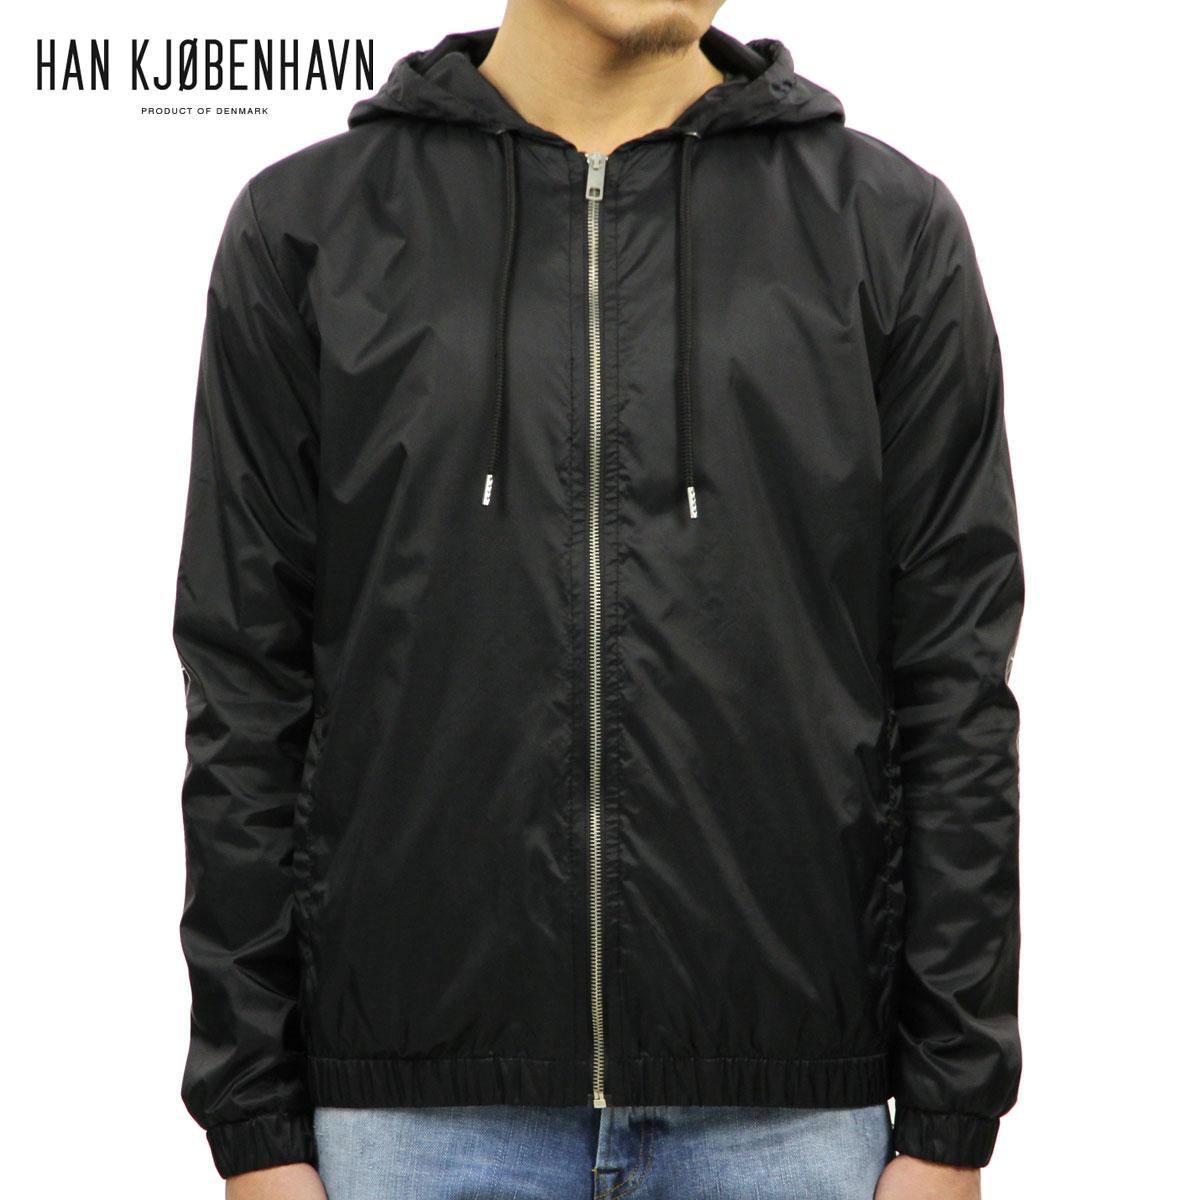 ハン HAN KJOBENHAVN メンズ ジャケット TECH ZIP HOOD 69.2 BLACK D00S20